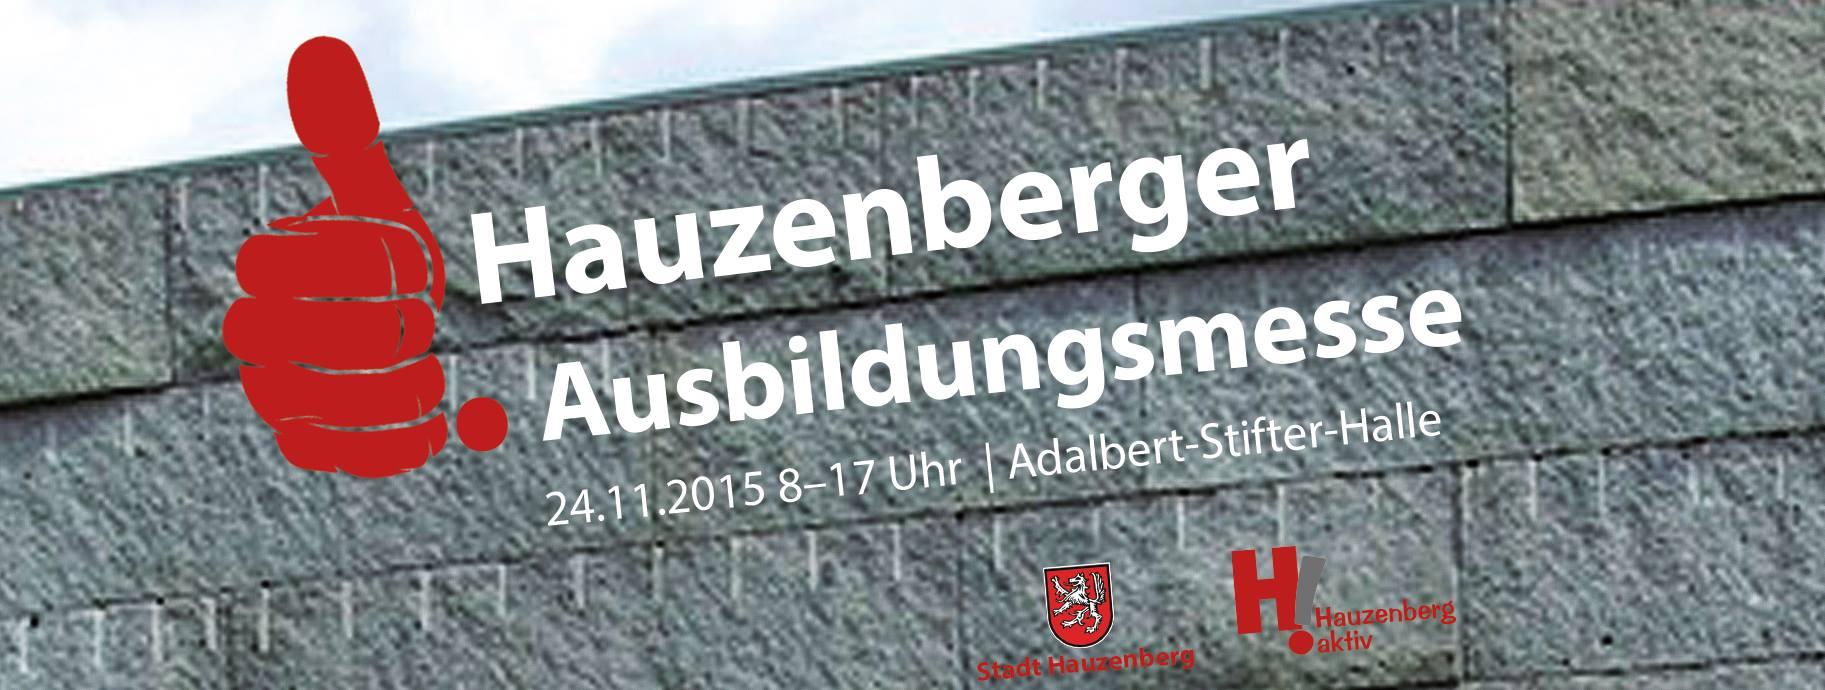 1. Ausbildungsmesse in Hauzenberg